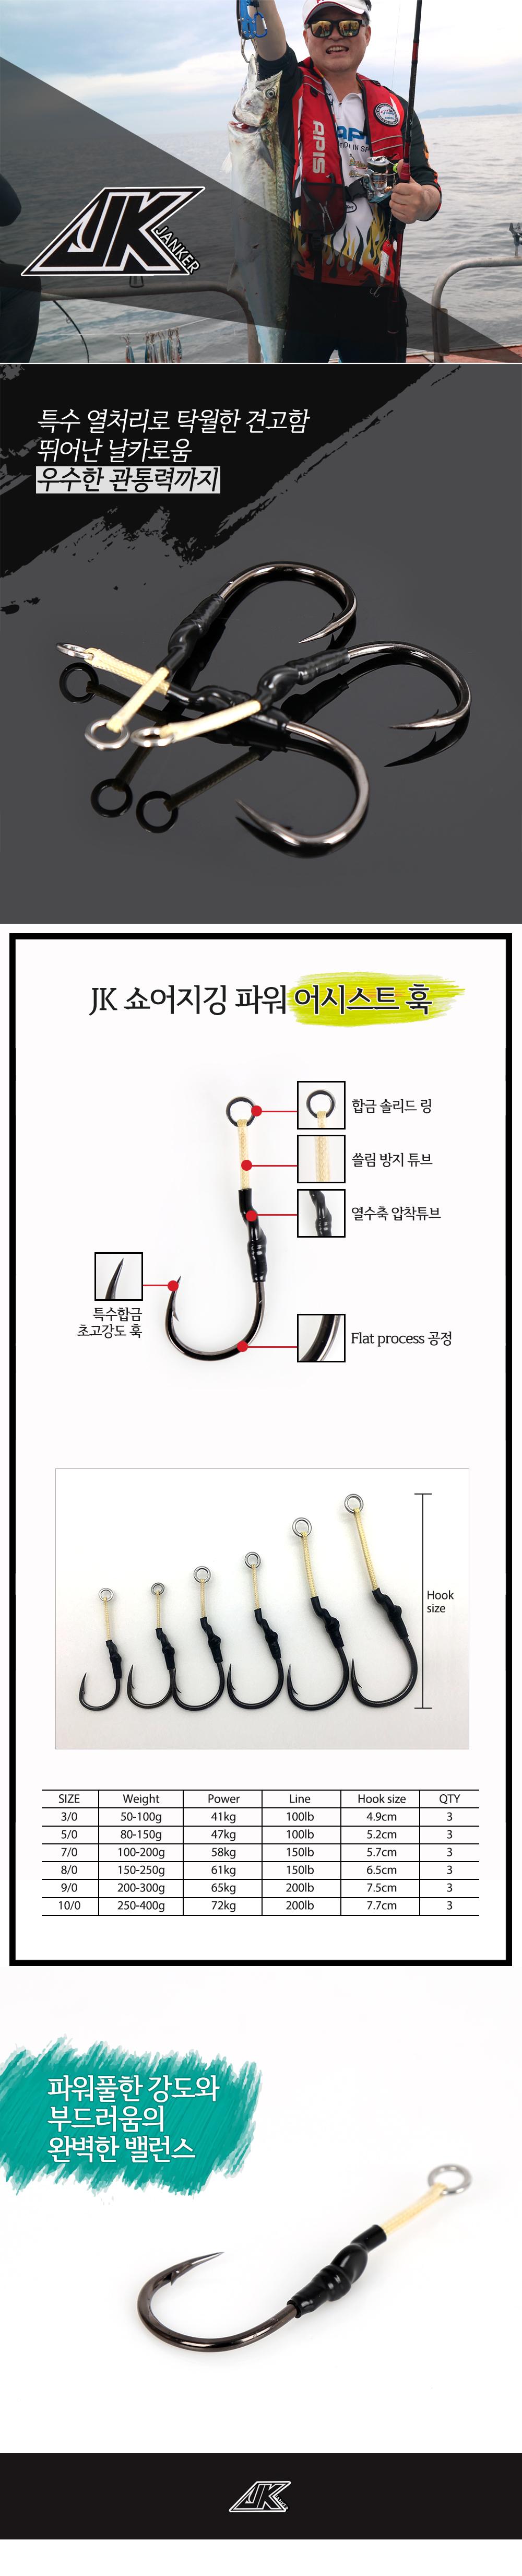 JK 쇼어지깅 파워 어시스트훅 PAS-B 지깅바늘 쇼어지깅바늘 팝핑바늘 지깅훅 쇼어지깅훅 팝핑훅 어시스트훅 어시스트바늘 메탈지깅훅 메탈어시스트훅 지깅어시스트훅 쇼어지깅훅 삼치어시스트훅 갈치어시스트훅 부시리어시스트훅 농어어시스트훅 대구어시스트훅